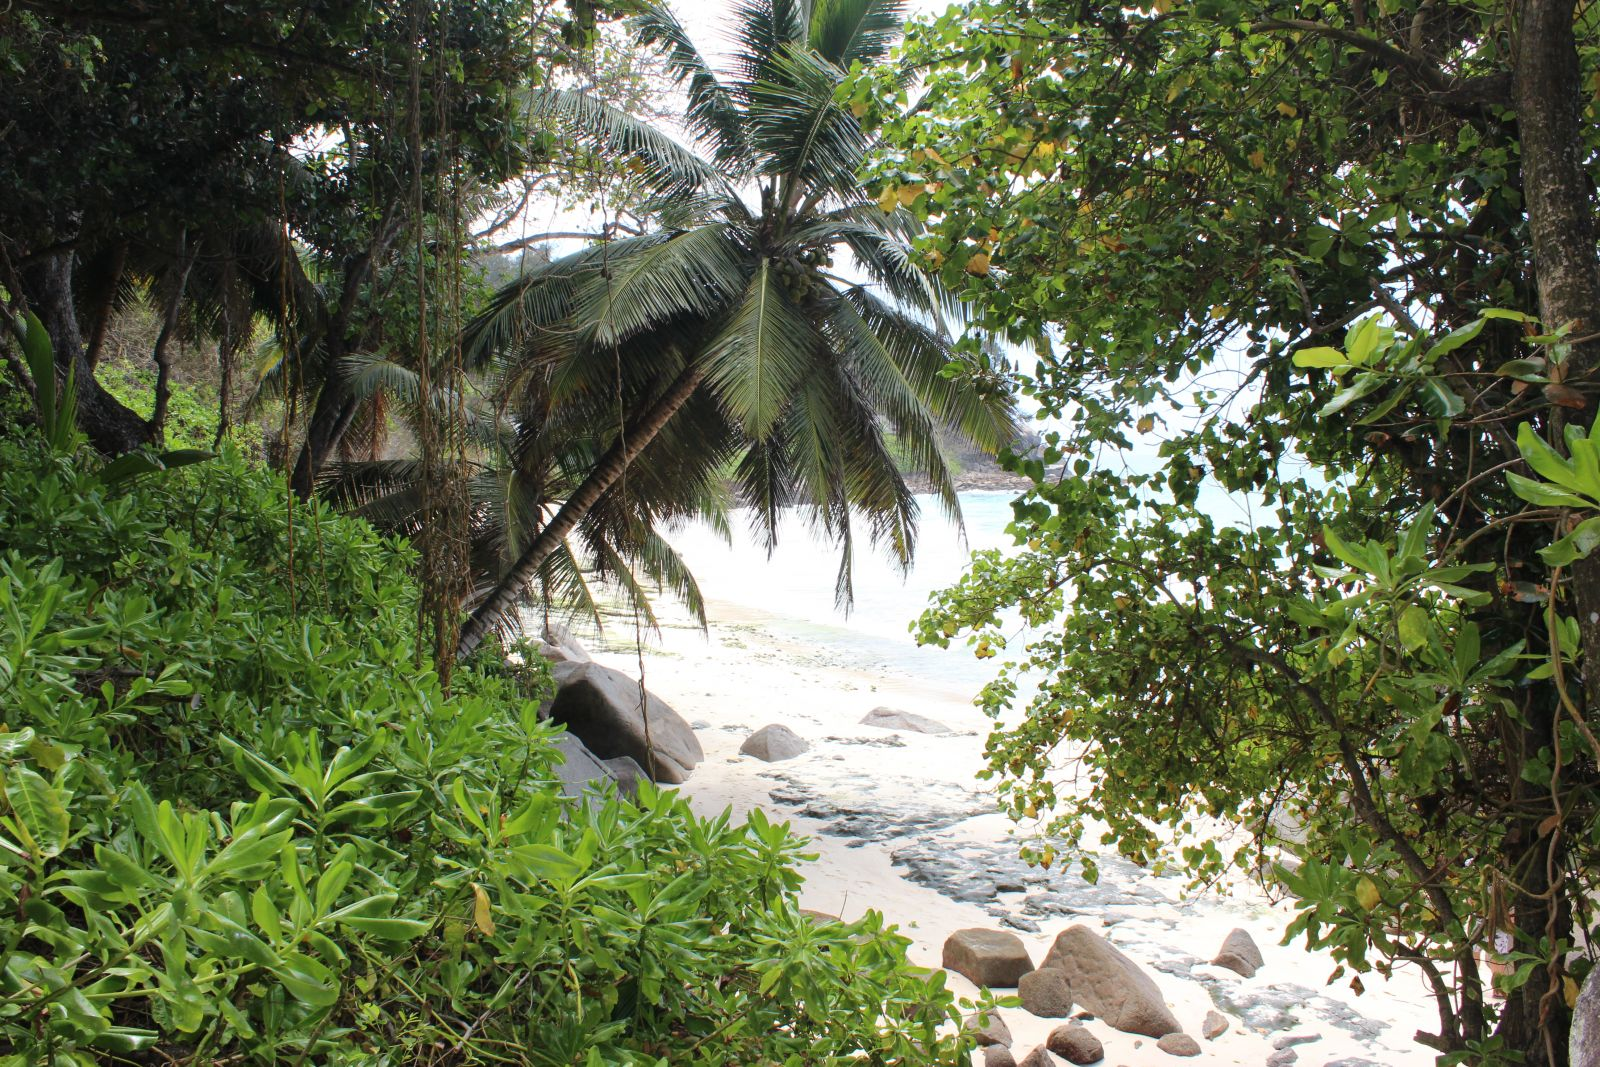 Mancher Strand versteckt sich vom Land her, ein Vorteil für Yachtcharterer. ©1aYachtcharter GmbH